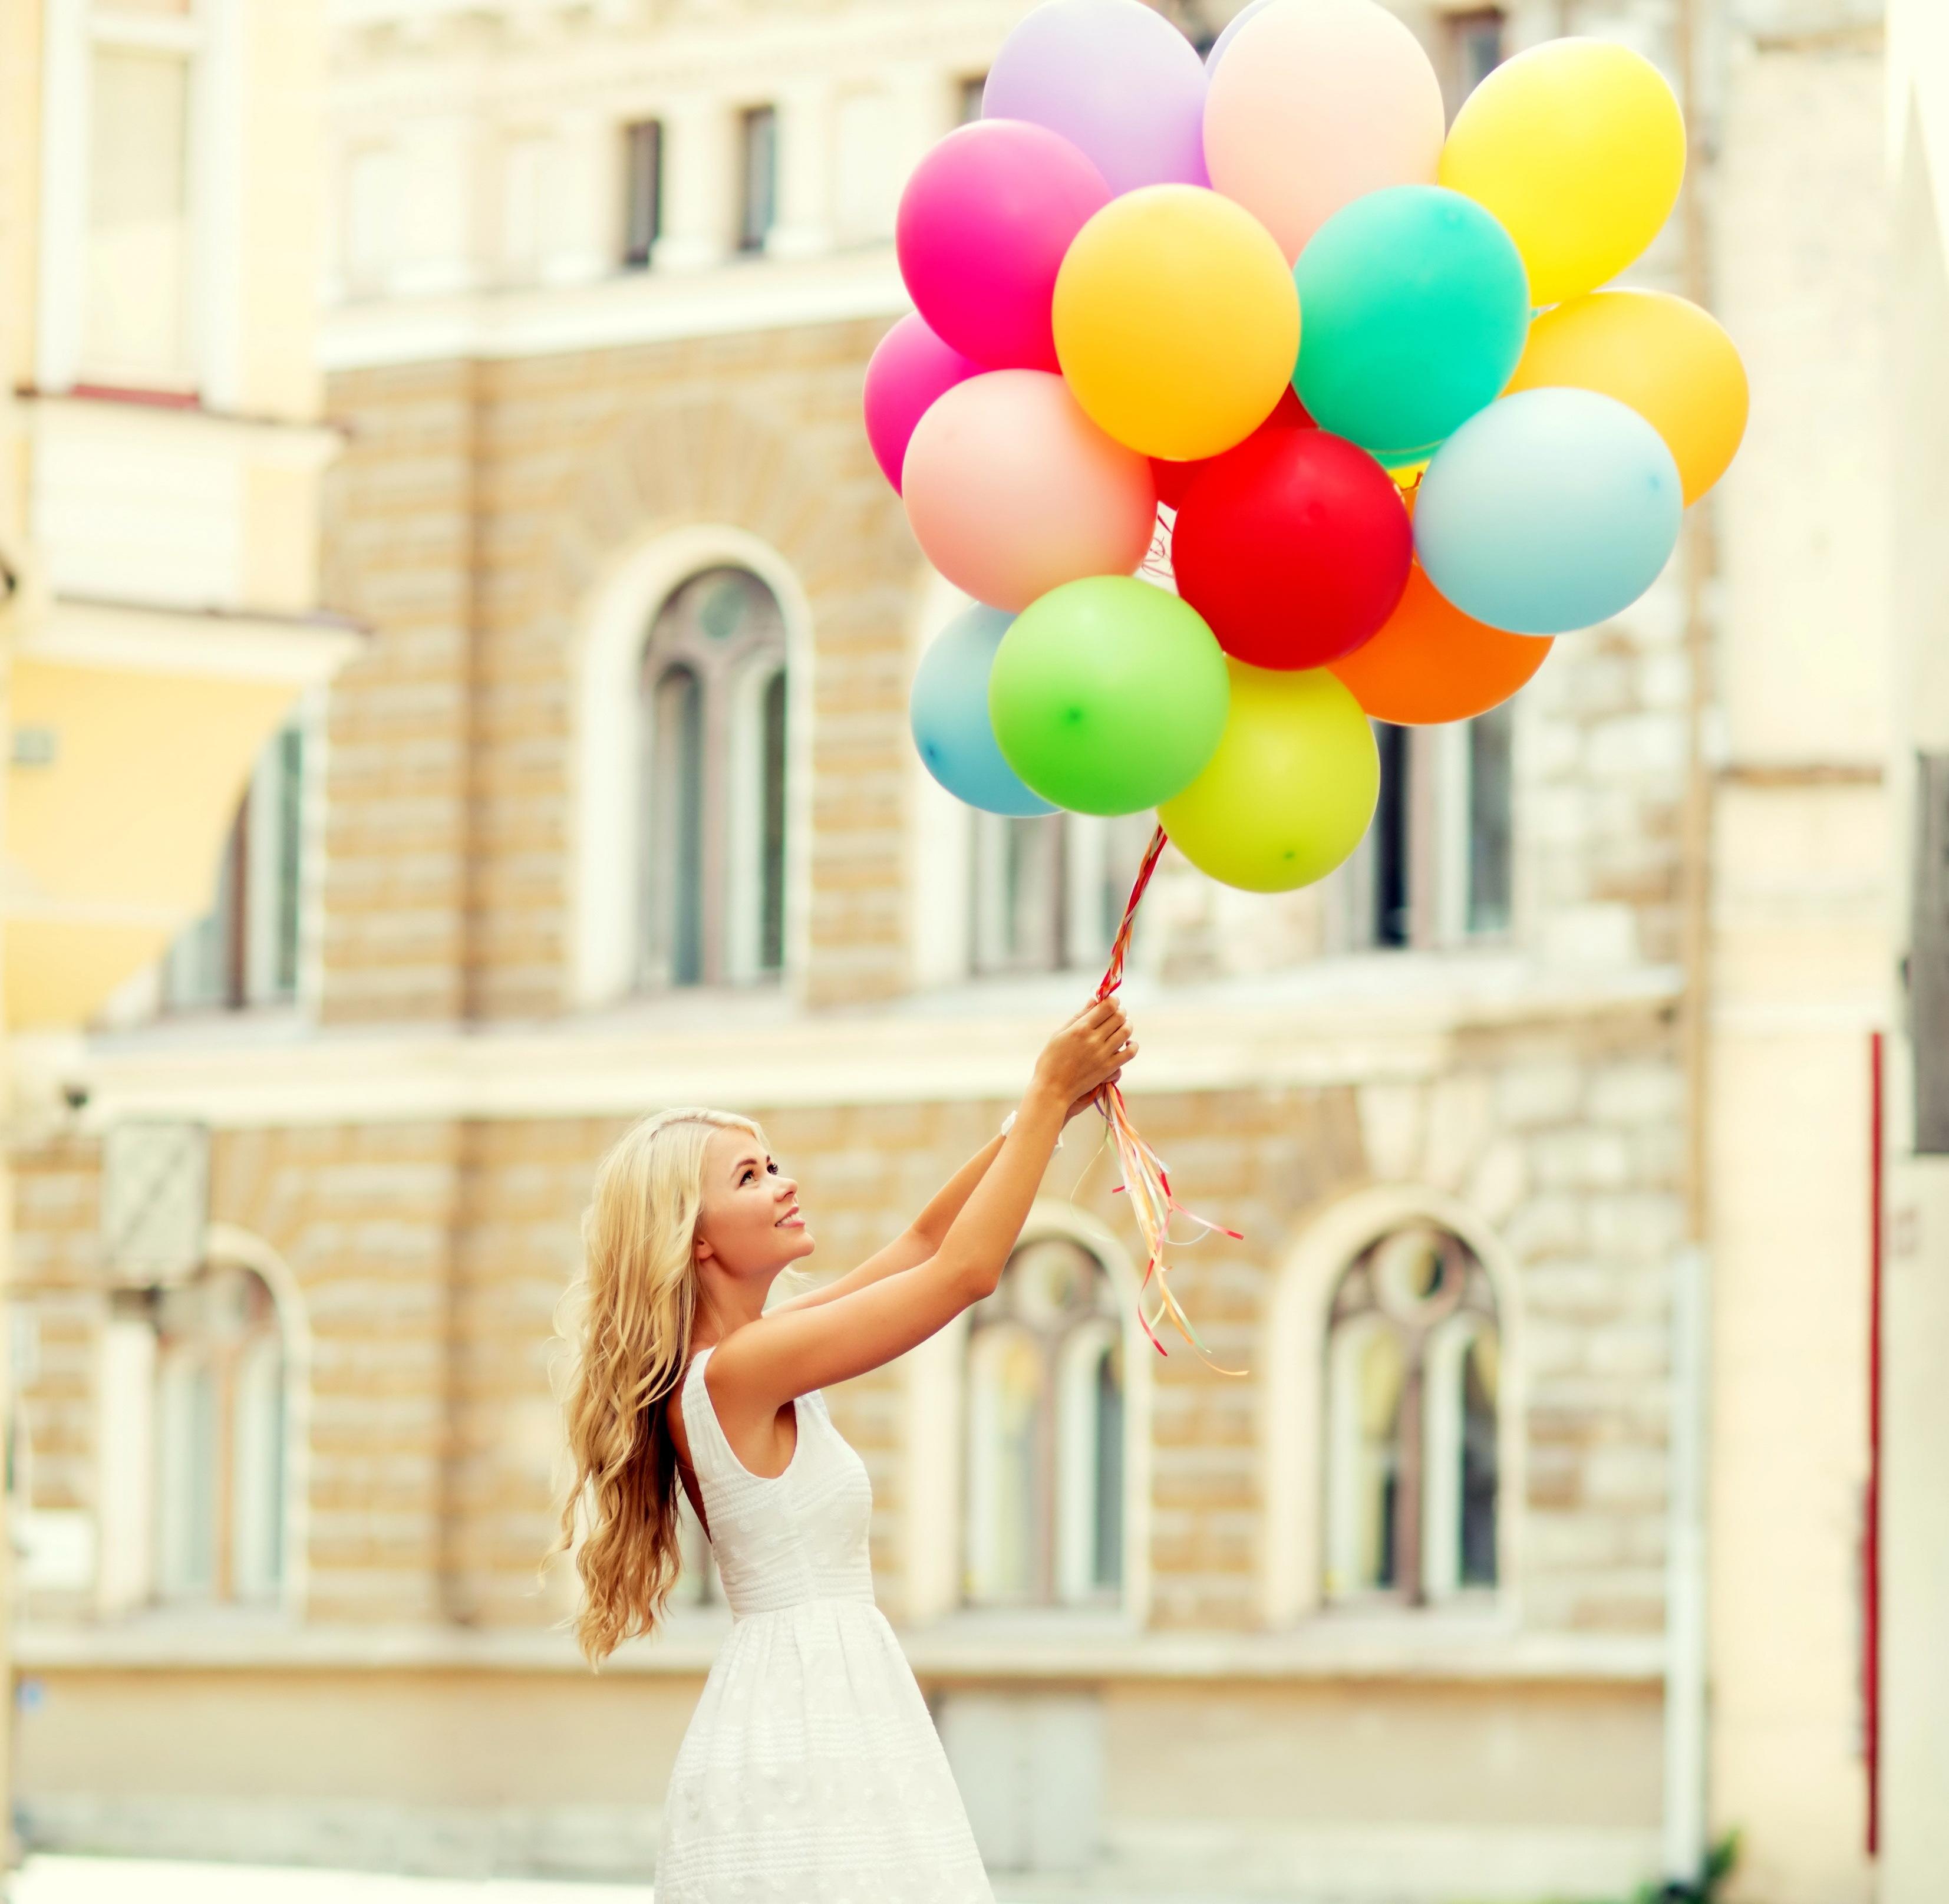 Марта для, девушка с шариками воздушными картинки